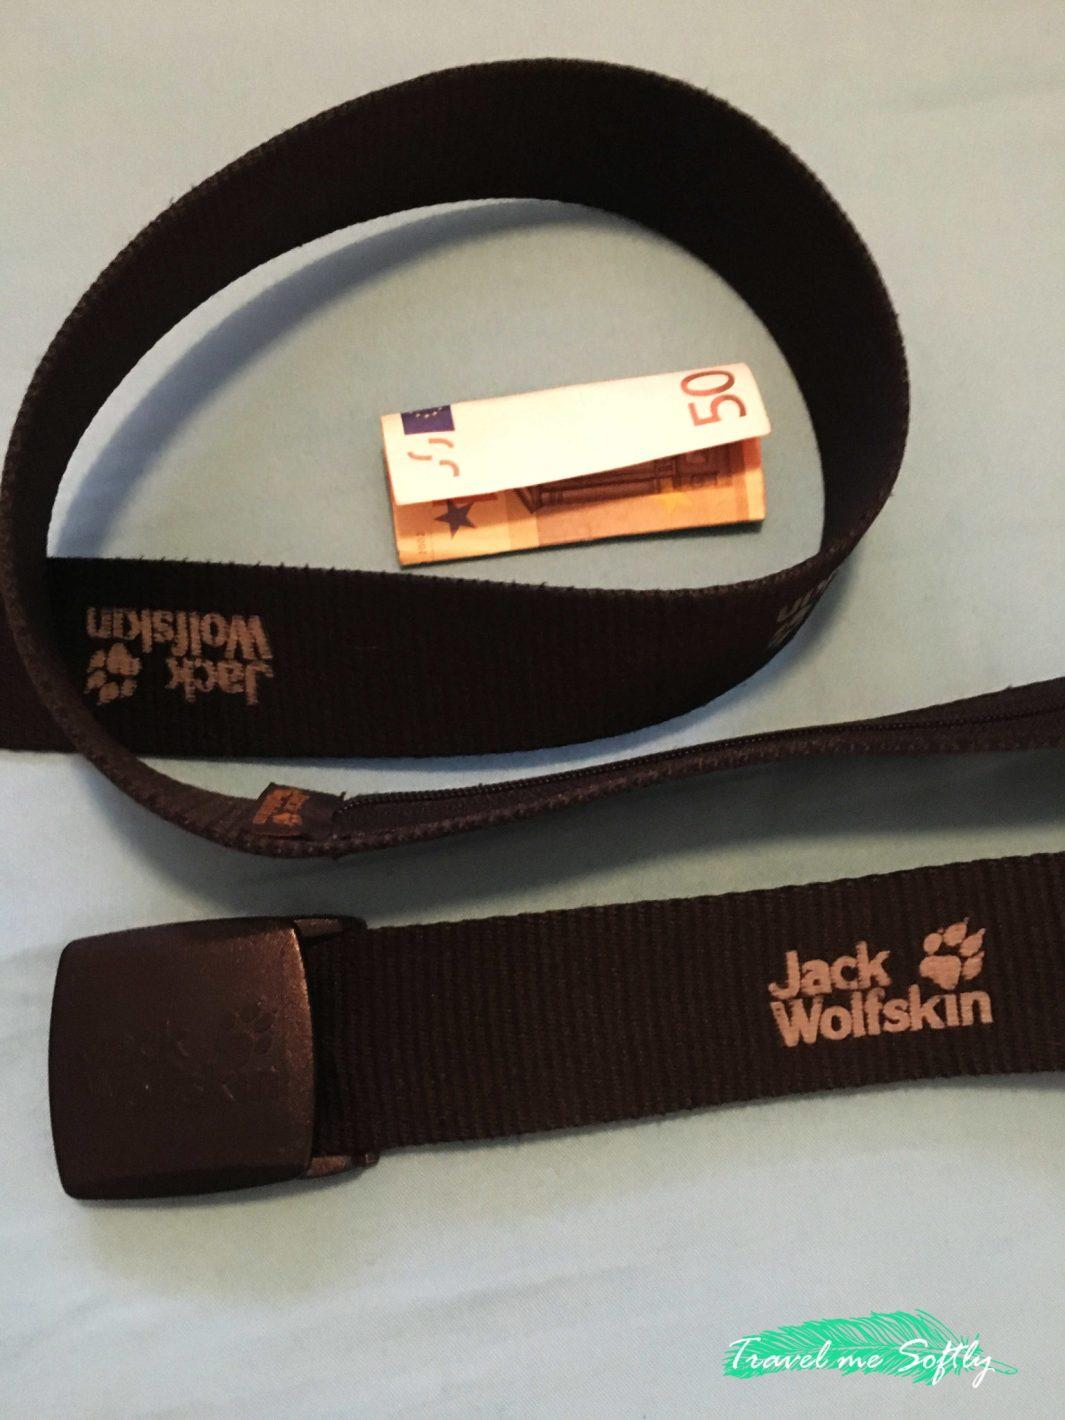 cinturon con bolsillo secreto regalos para viajeros